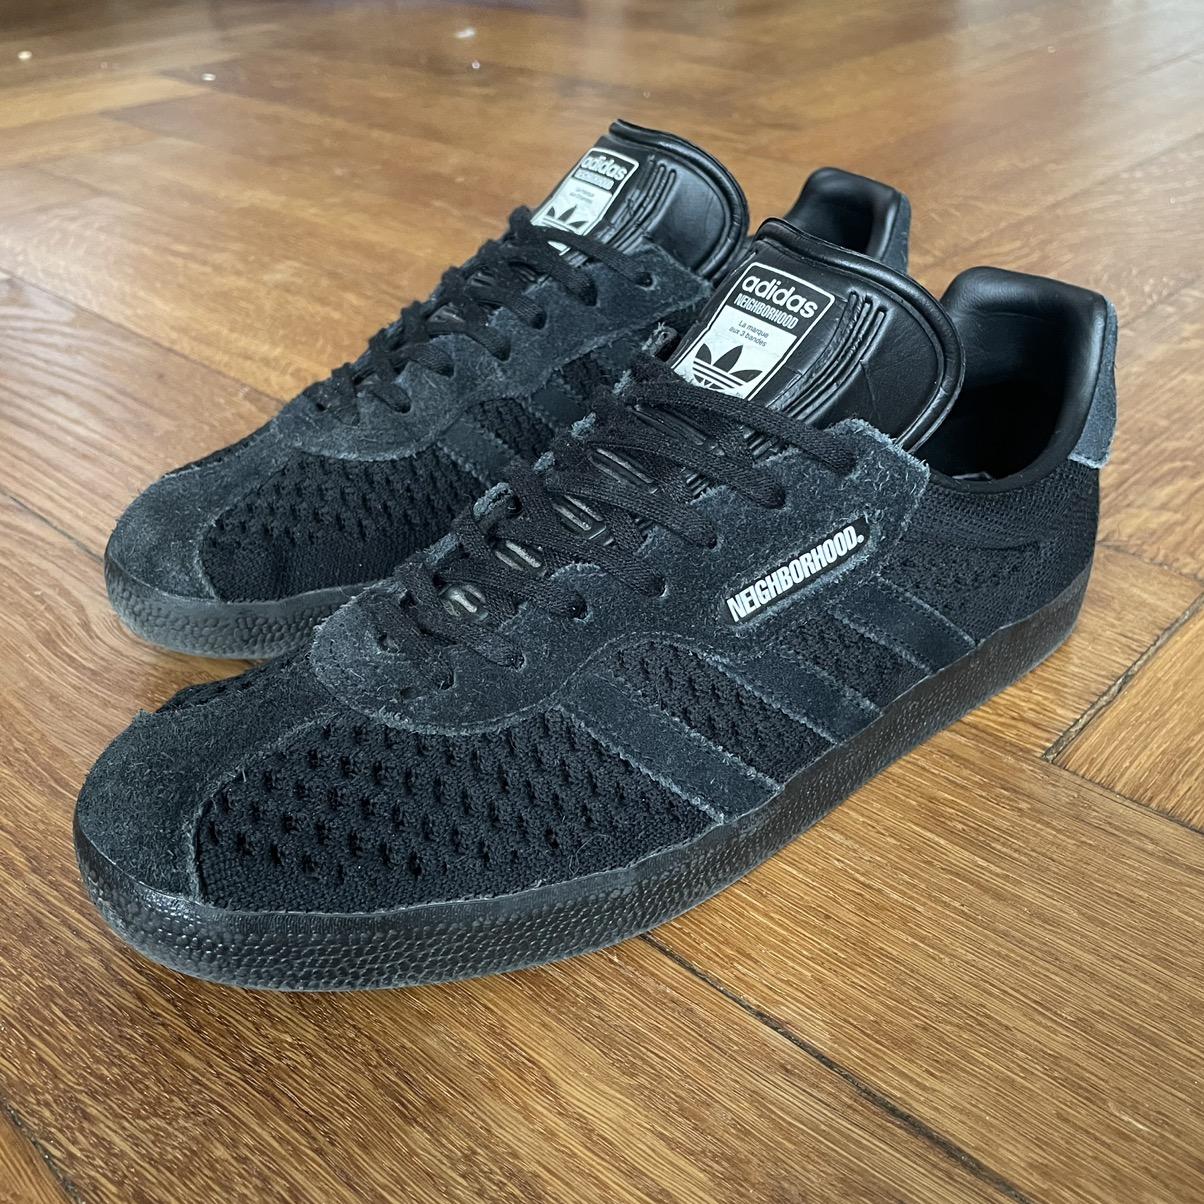 Adidas Neighborhood x Adidas Gazelle Super Triple Black 2018 10 US